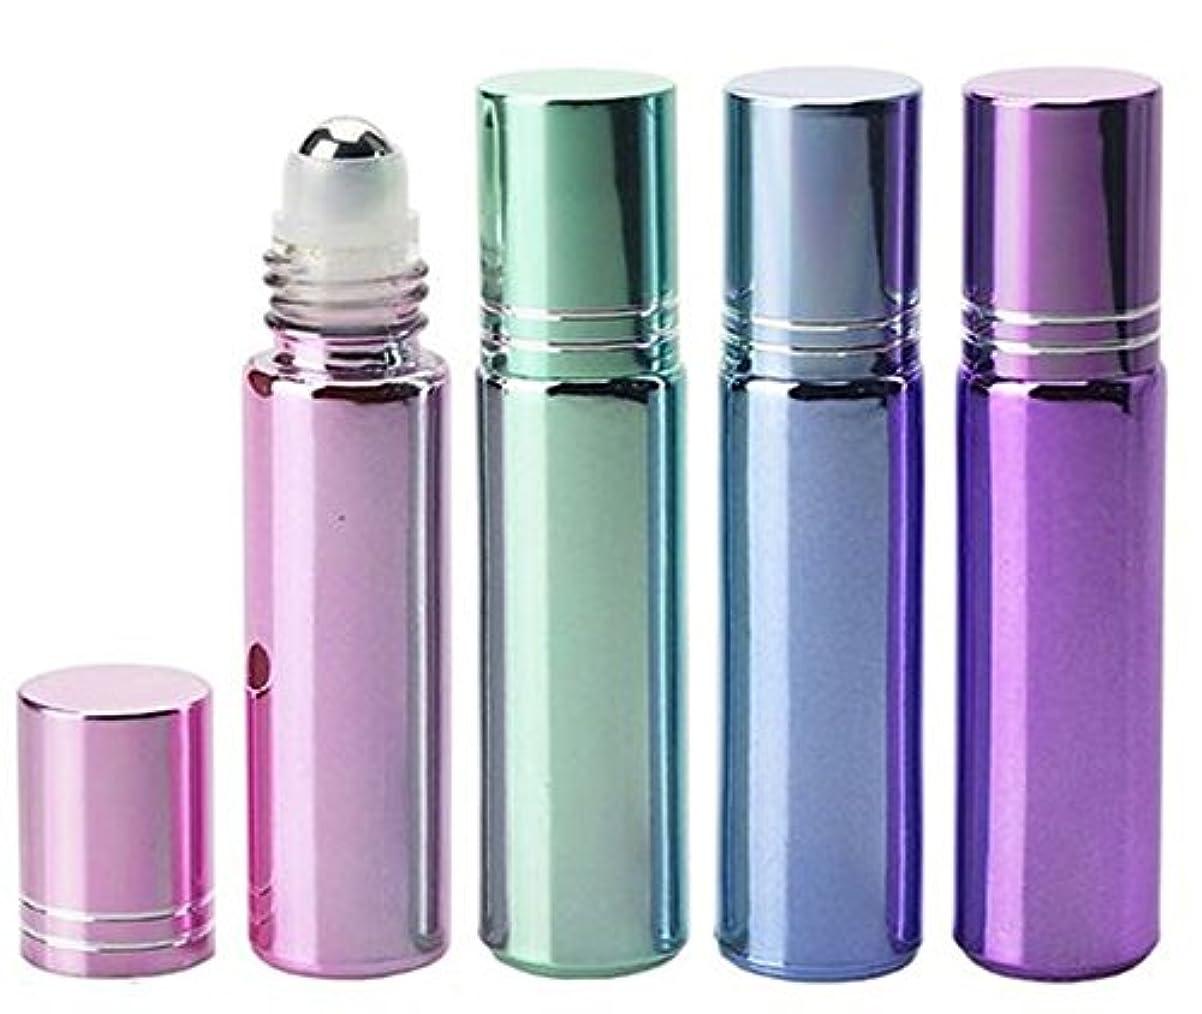 国籍ボトル頑張るShopXJ 香水 アトマイザー ロールオン 詰め替え容器 パステルカラー 10ml スポイト付き (ブルー)